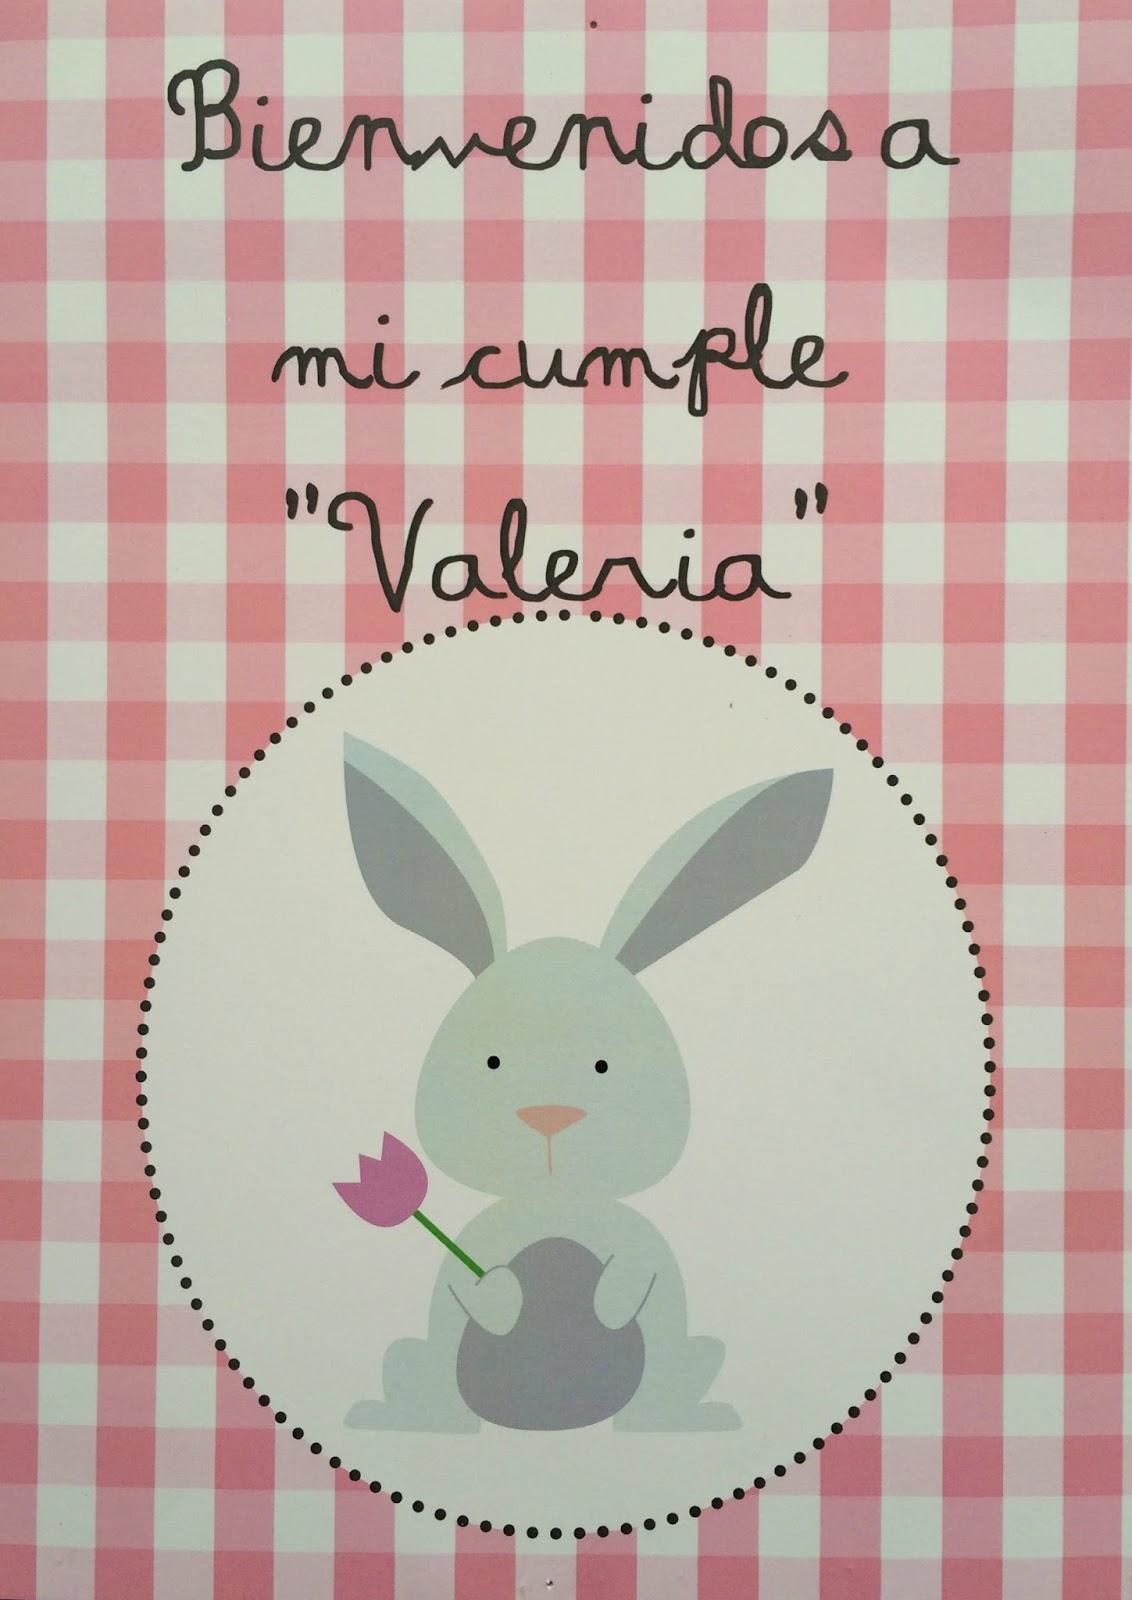 Cartel de cumpleaños con un conejito blanco